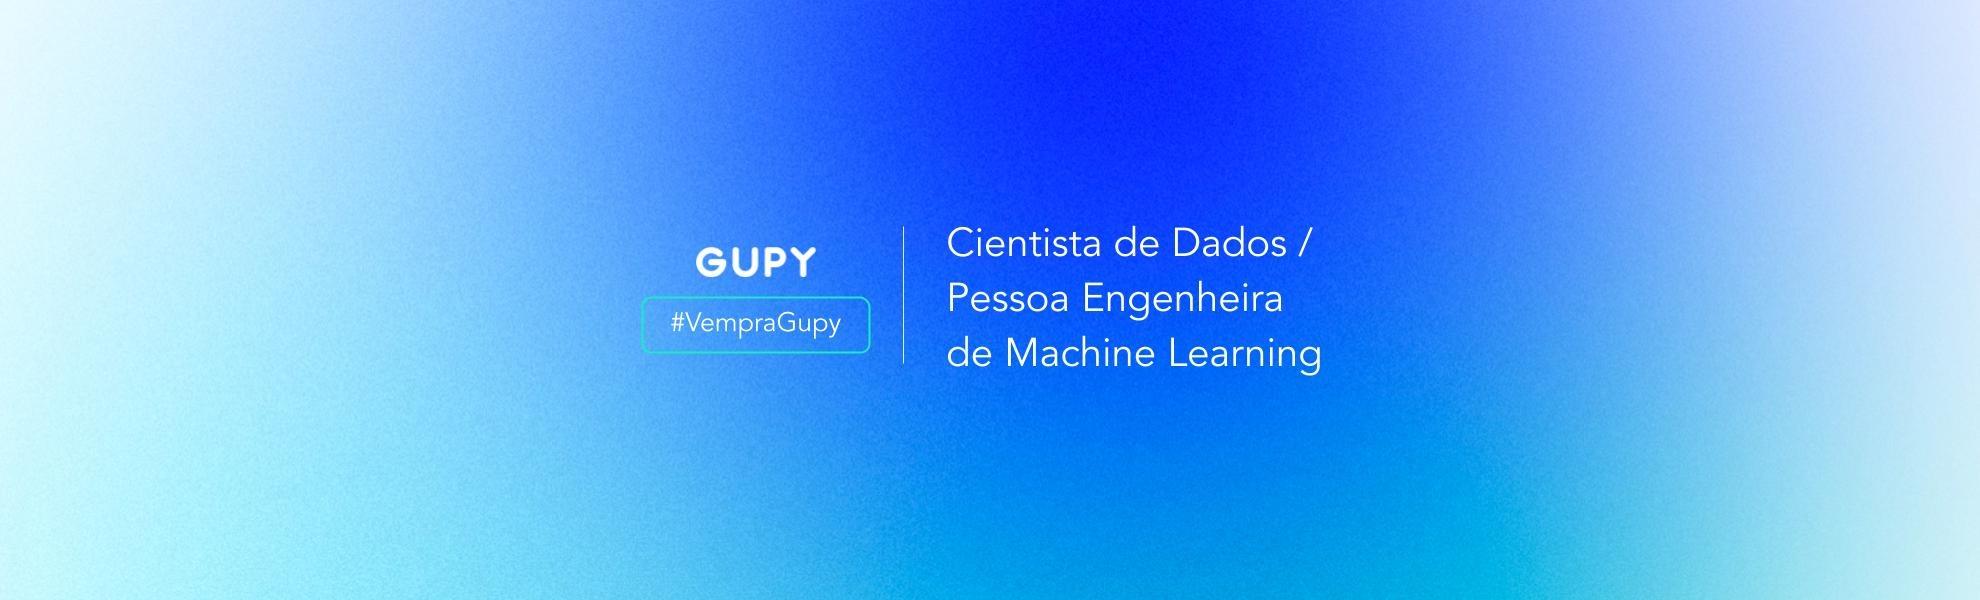 Cientista de Dados / Pessoa Engenheira de Machine Learning  | Talent Pool